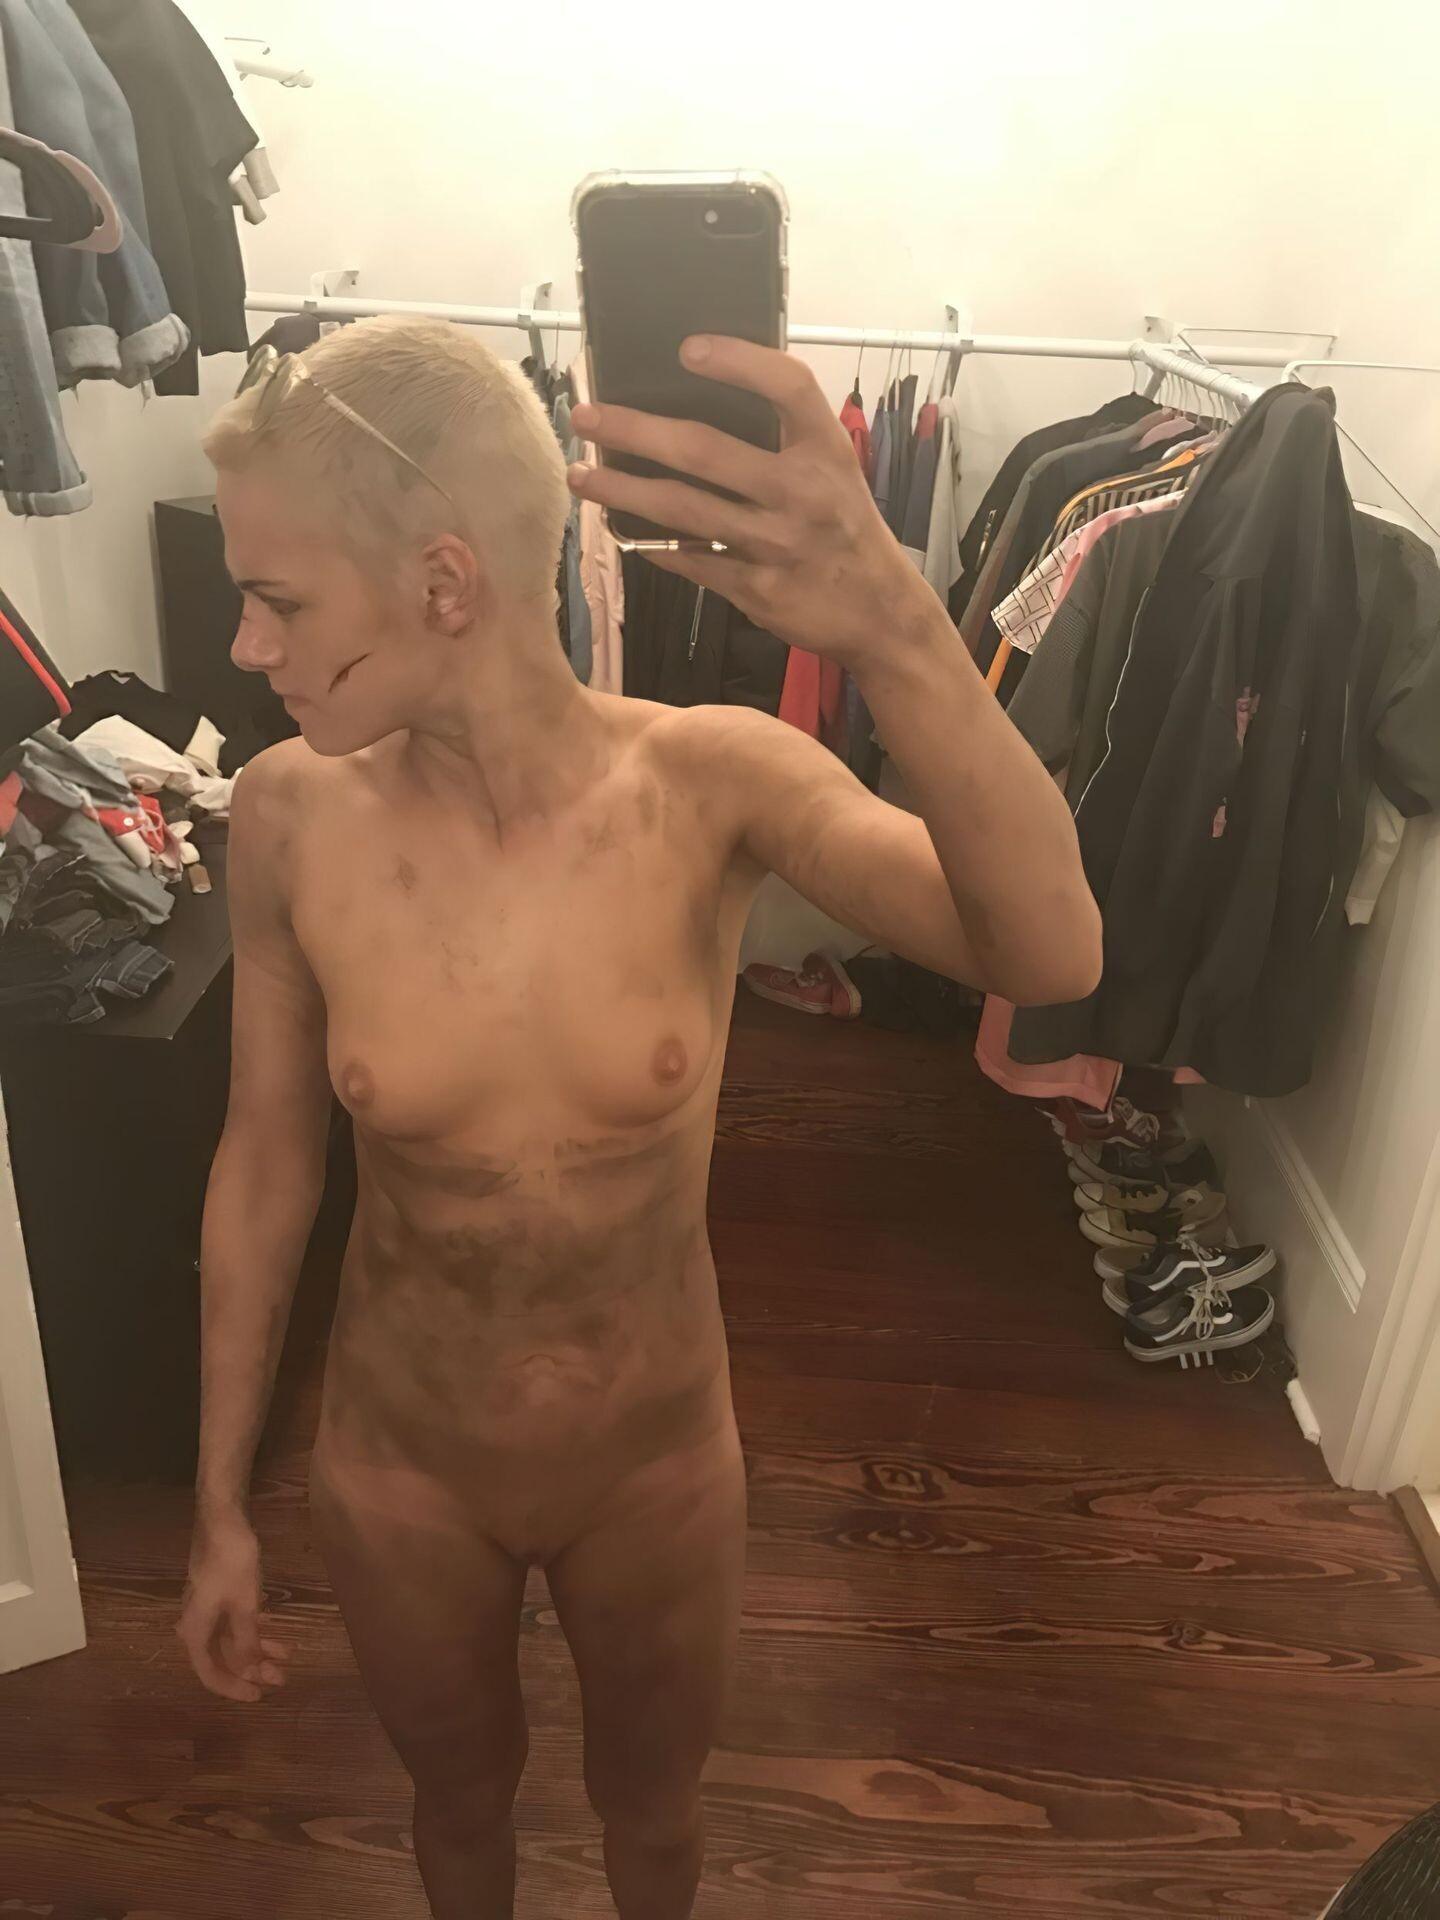 Kristen Stewart Nude Leaked 144 fappenings.com